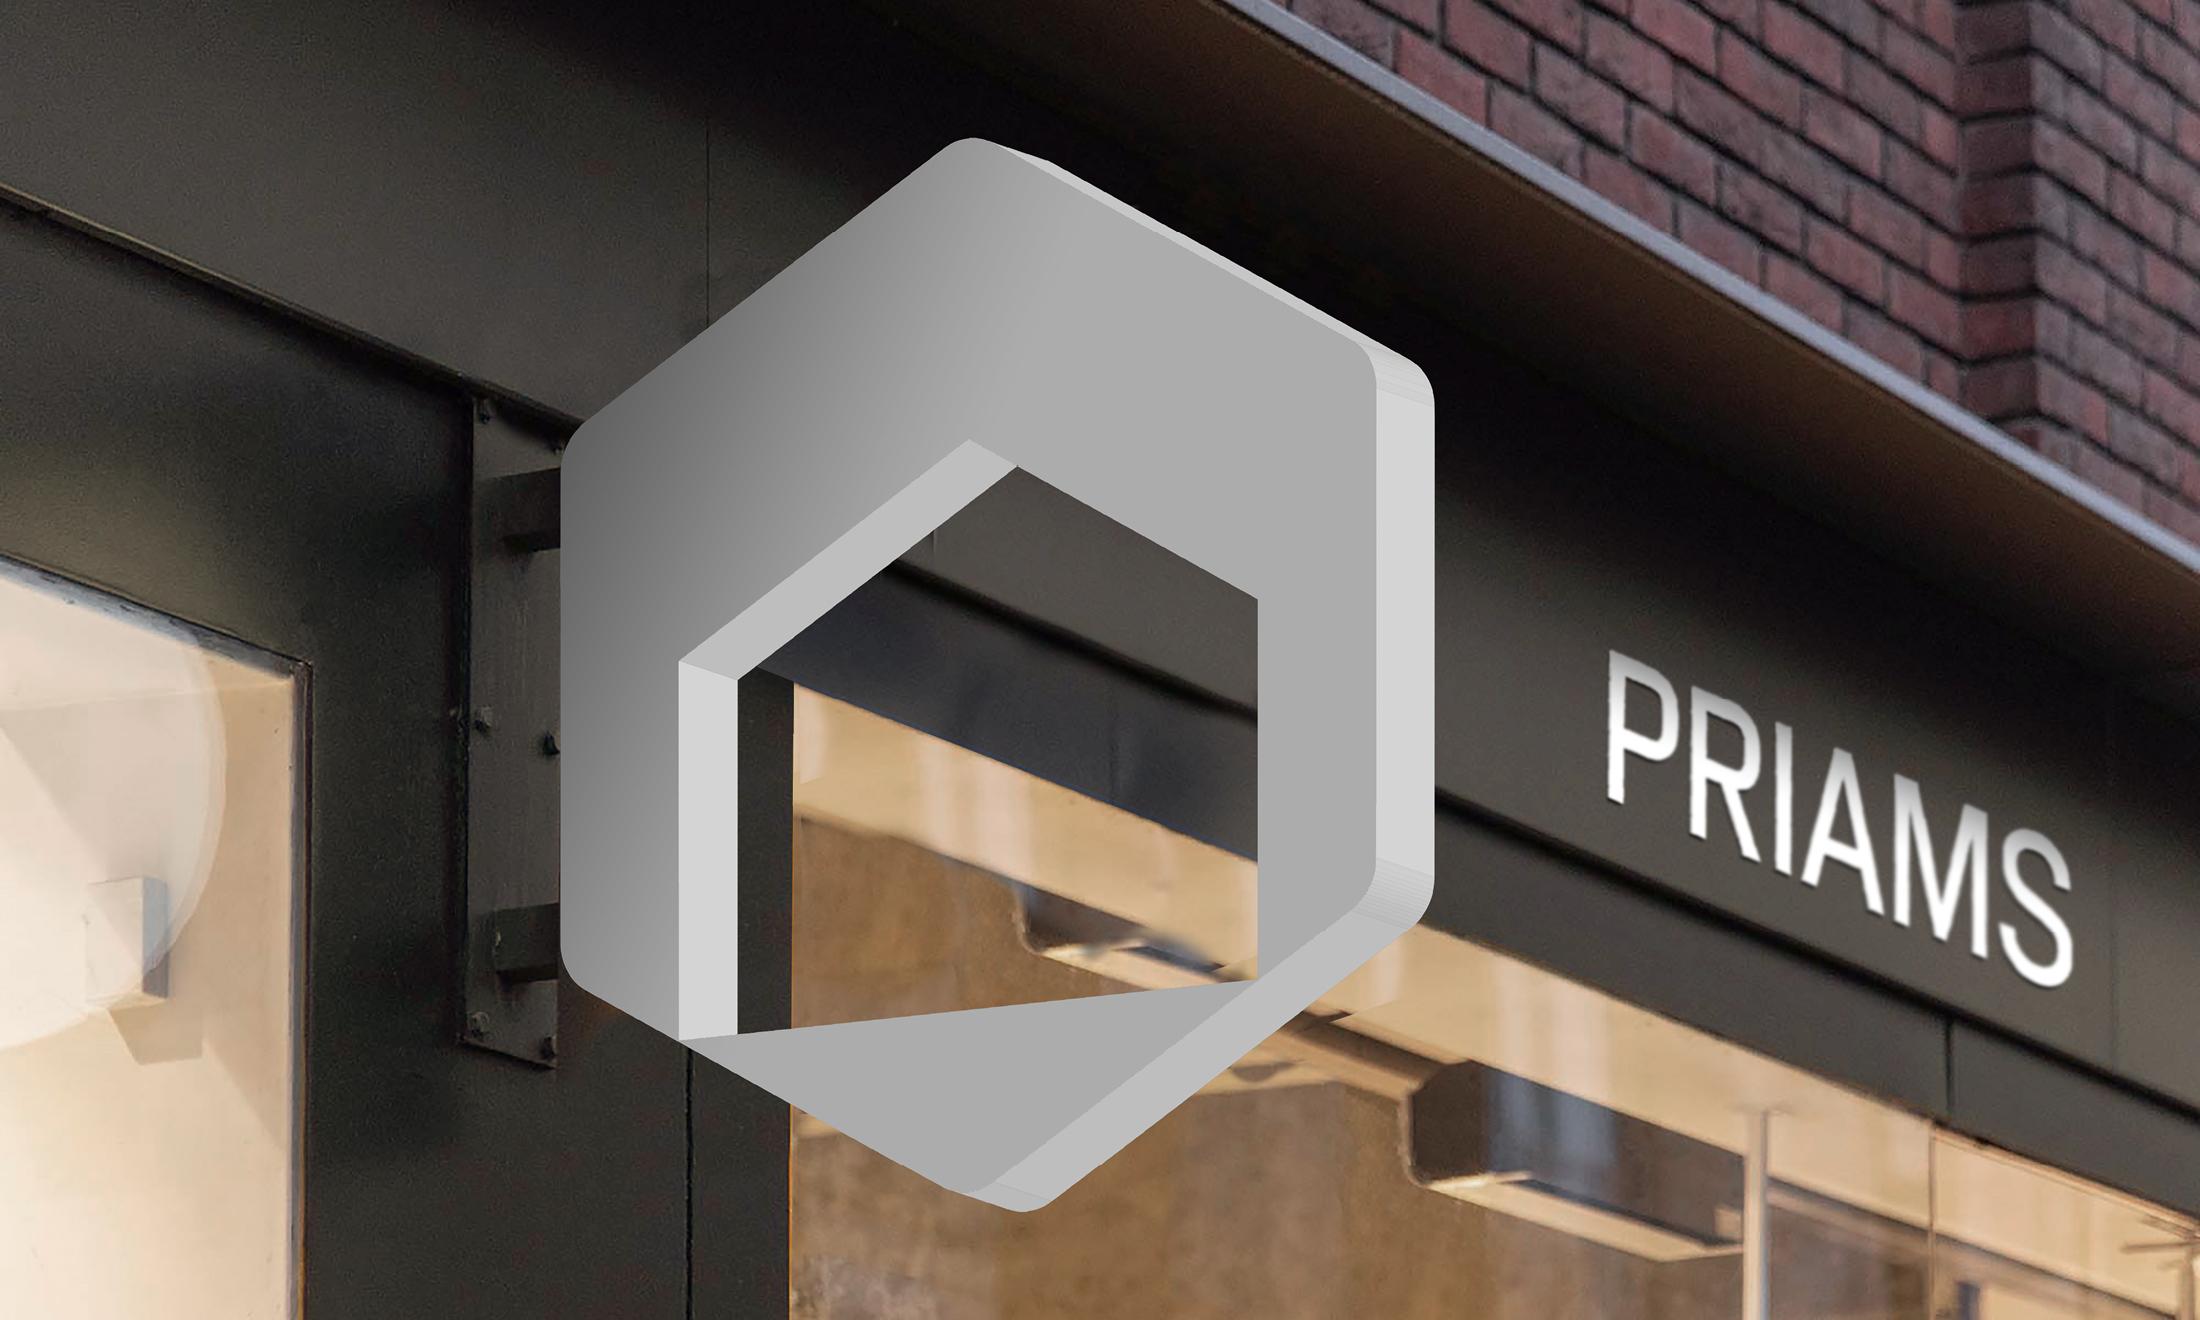 Priams Rebranded by Hymn Design